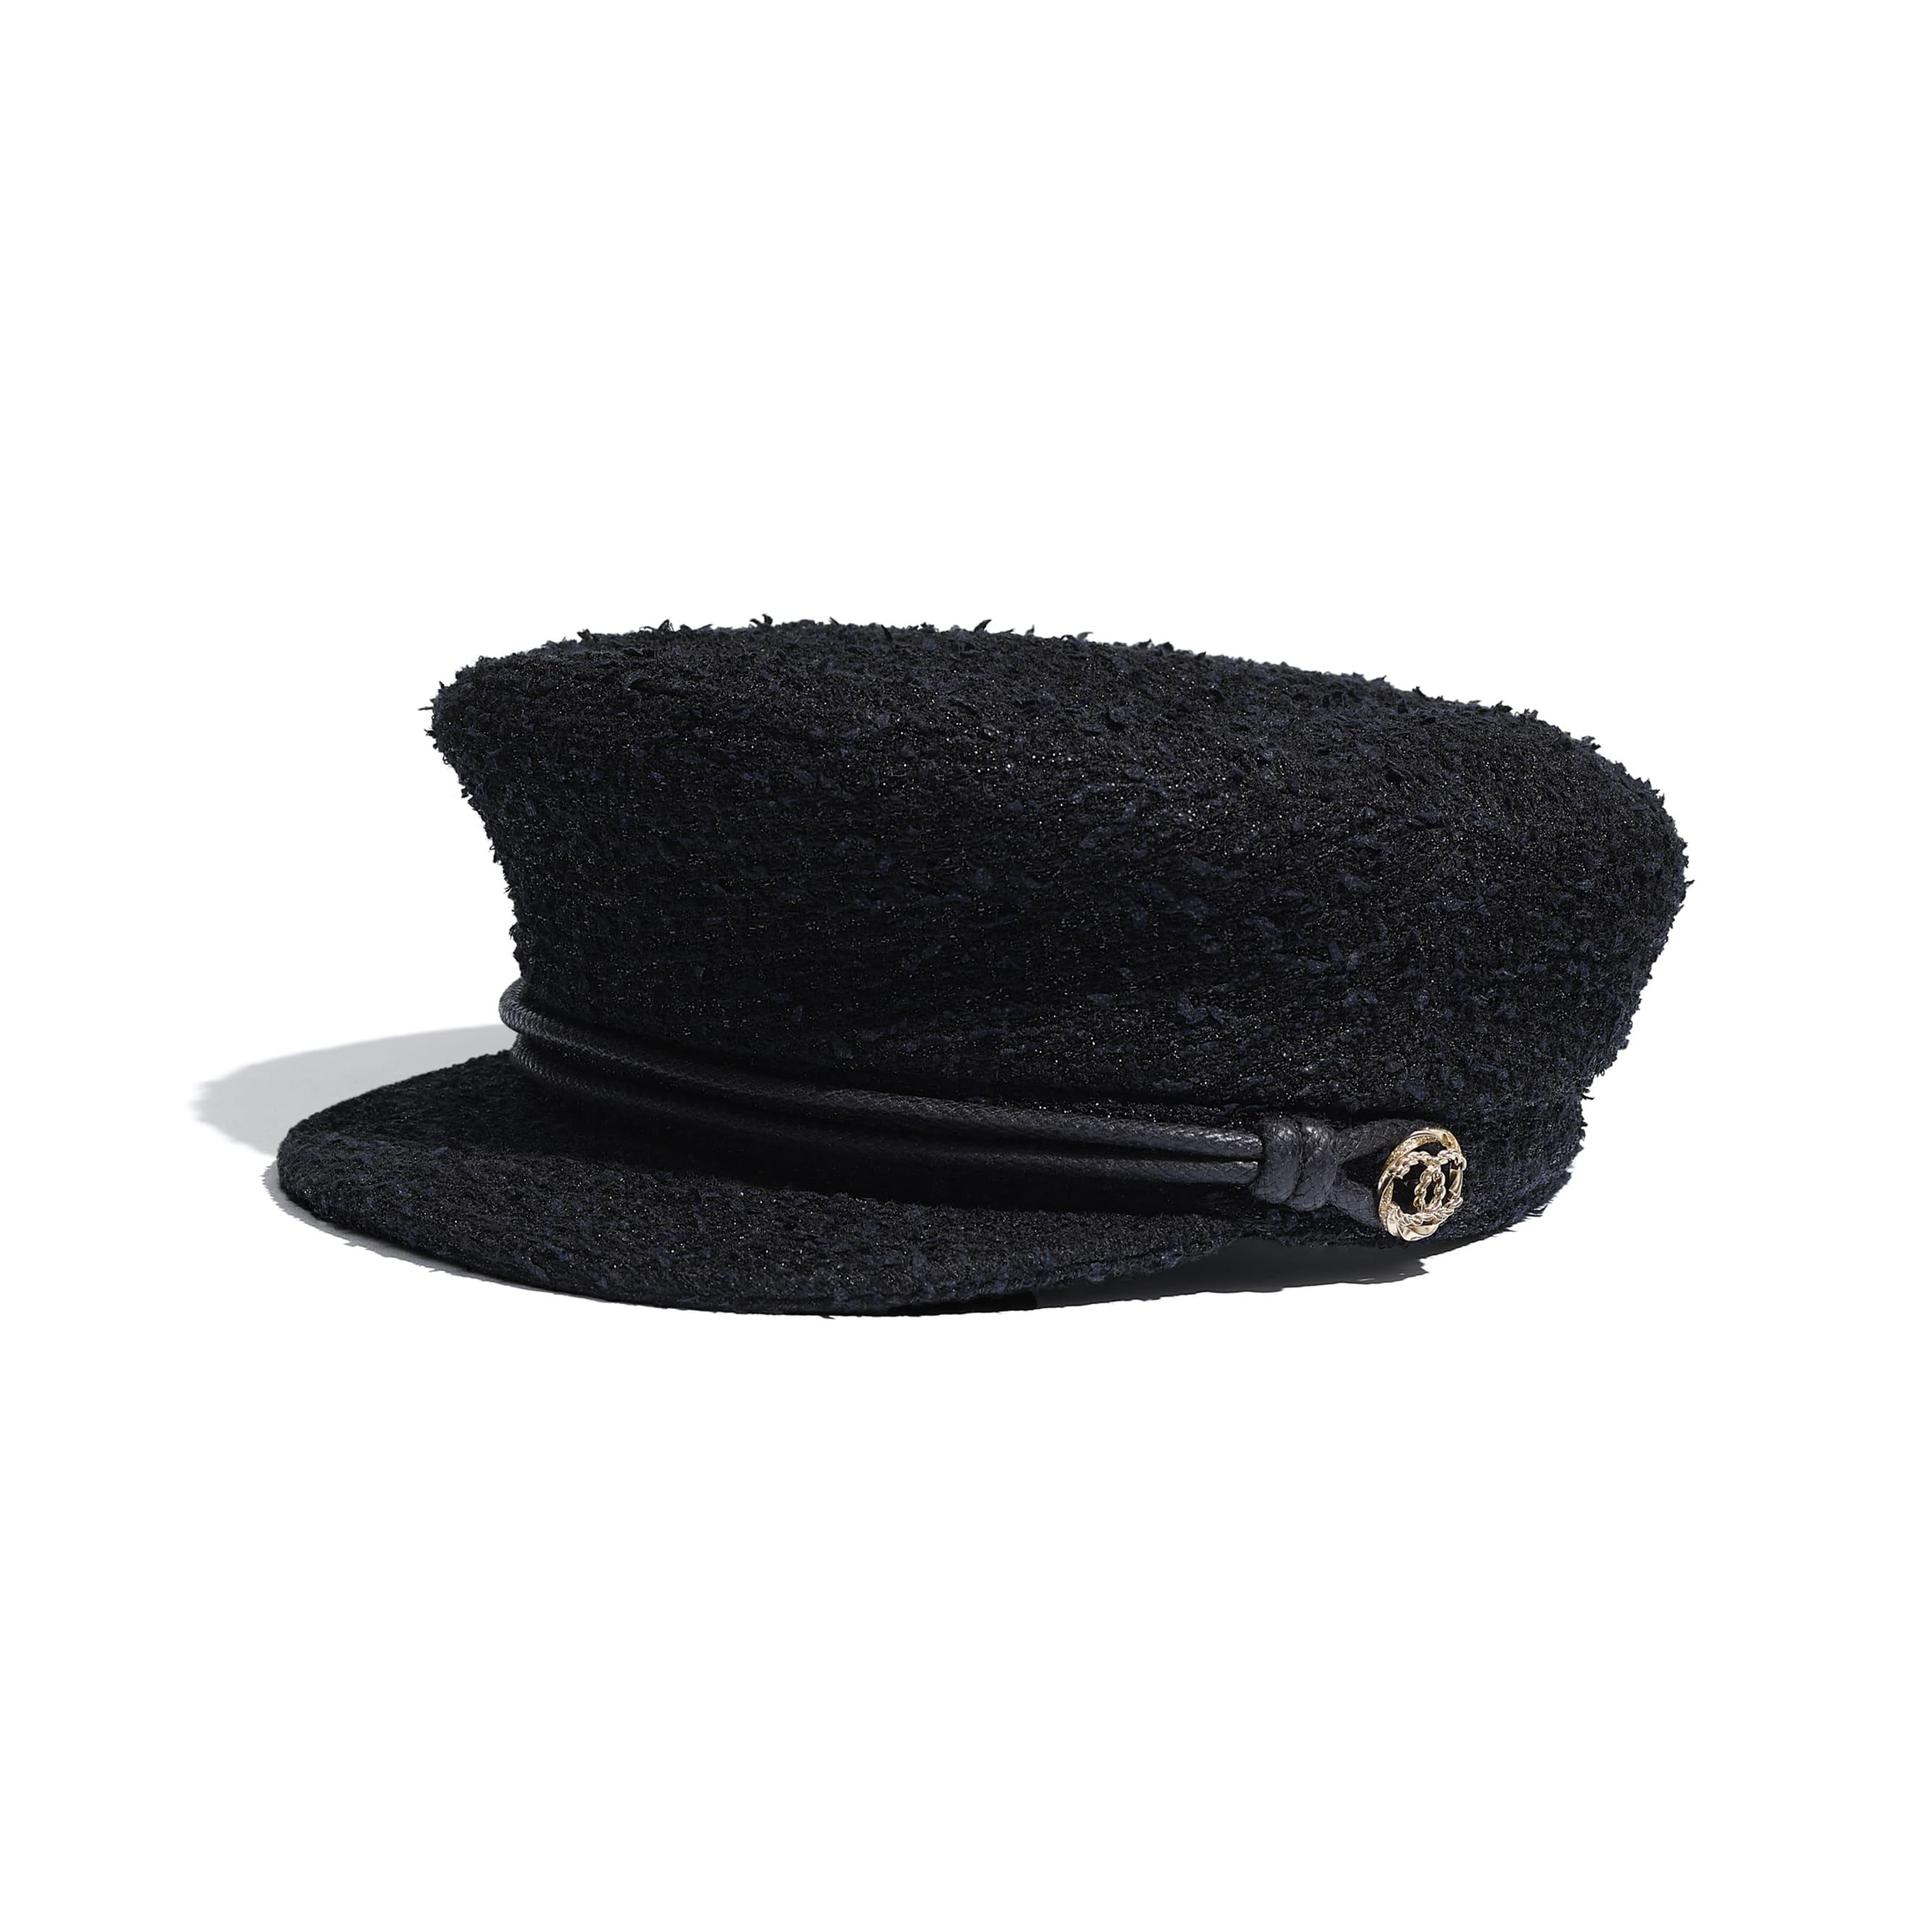 หมวกแก๊ปทรงกะลาสี - สีดำ - ผ้าทวีตและโลหะ - มุมมองปัจจุบัน - ดูเวอร์ชันขนาดมาตรฐาน